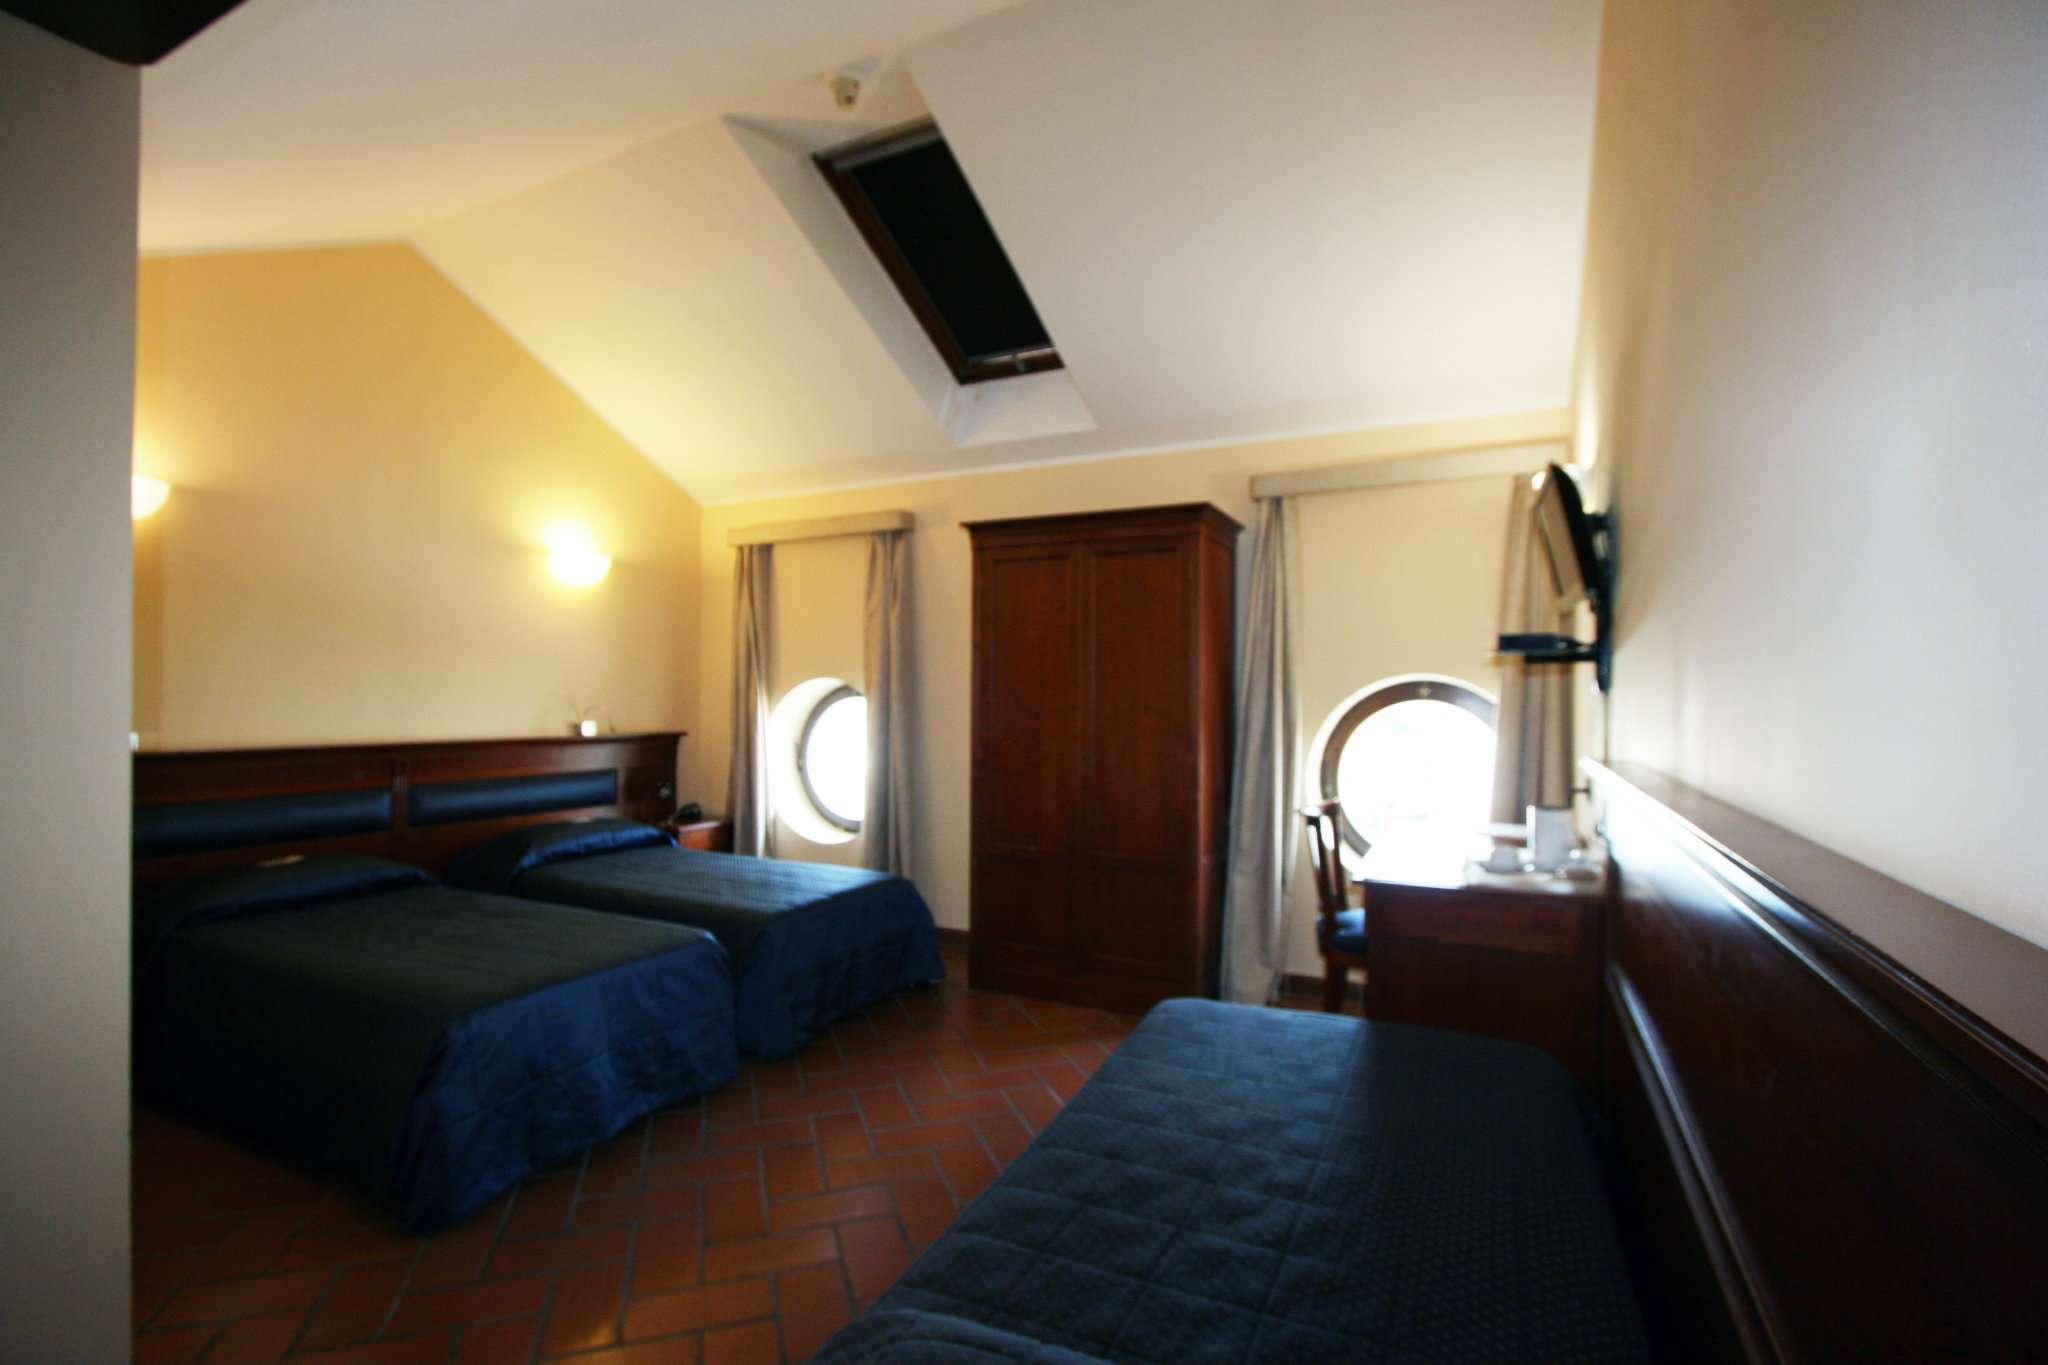 Altro in vendita a Castelleone, 35 locali, prezzo € 1.400.000 | CambioCasa.it